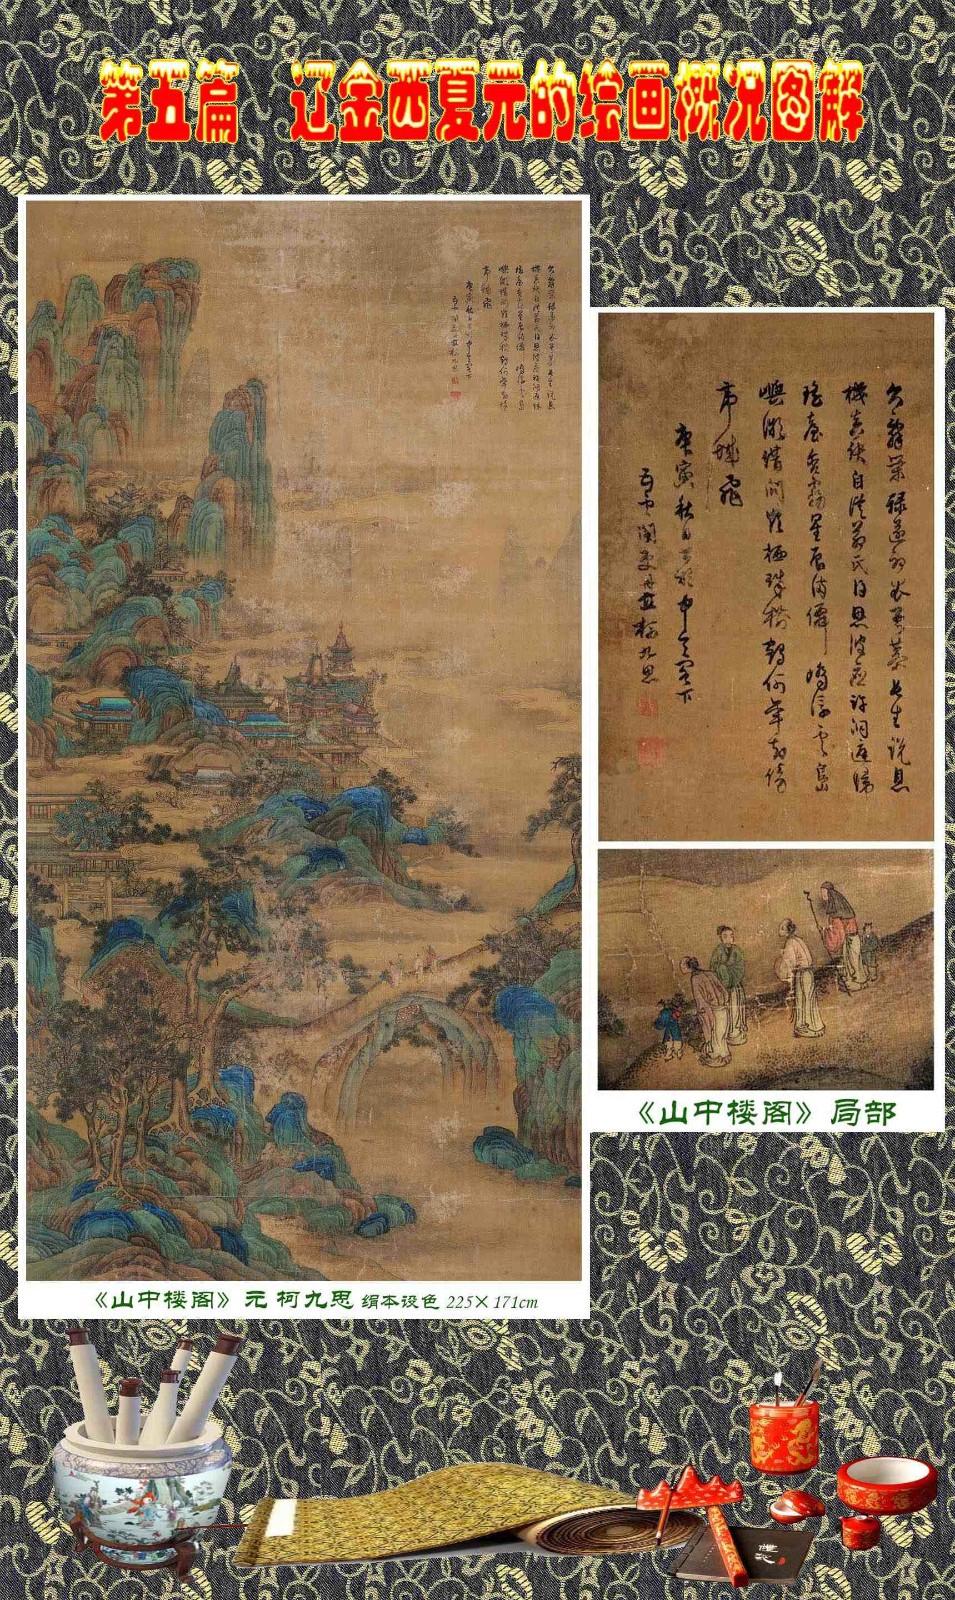 素有诗、书、画三绝之称的柯久思_图1-1